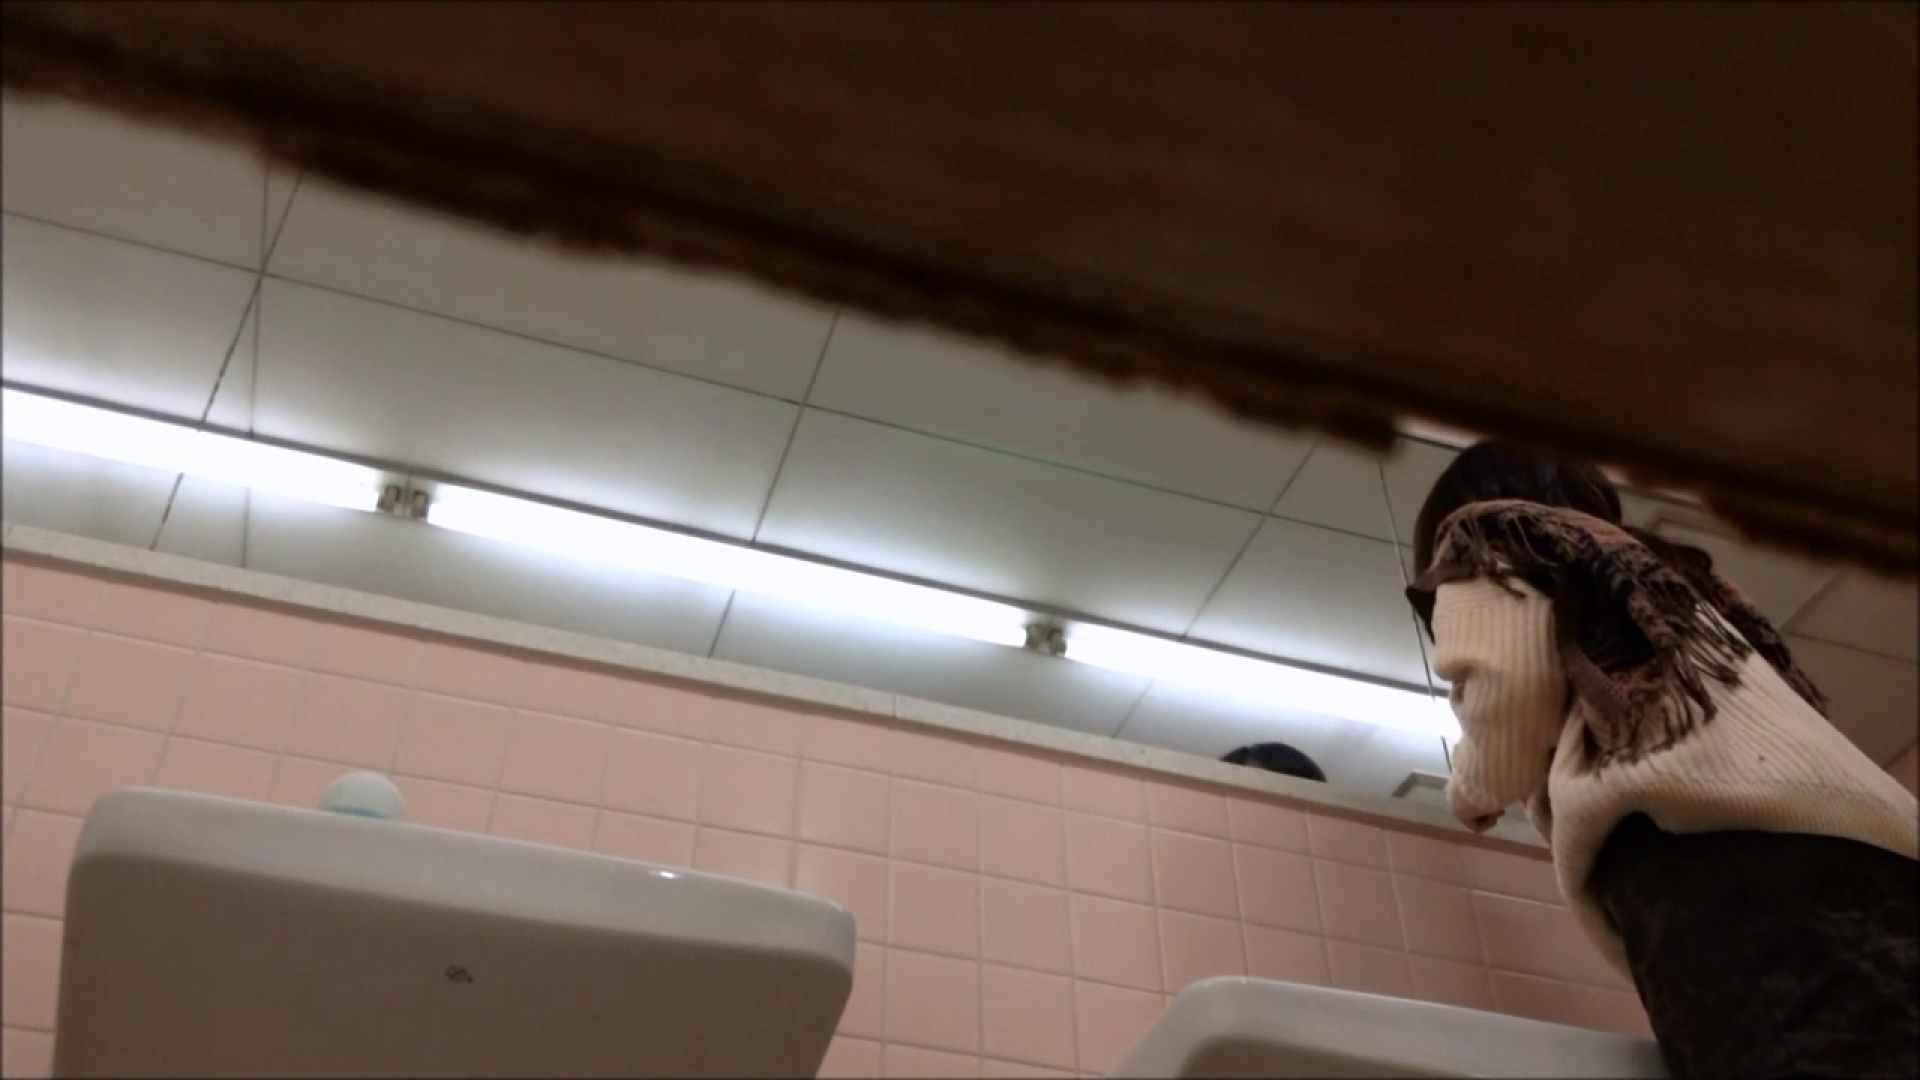 某有名大学女性洗面所 vol.11 HなOL 盗み撮り動画 83pic 20